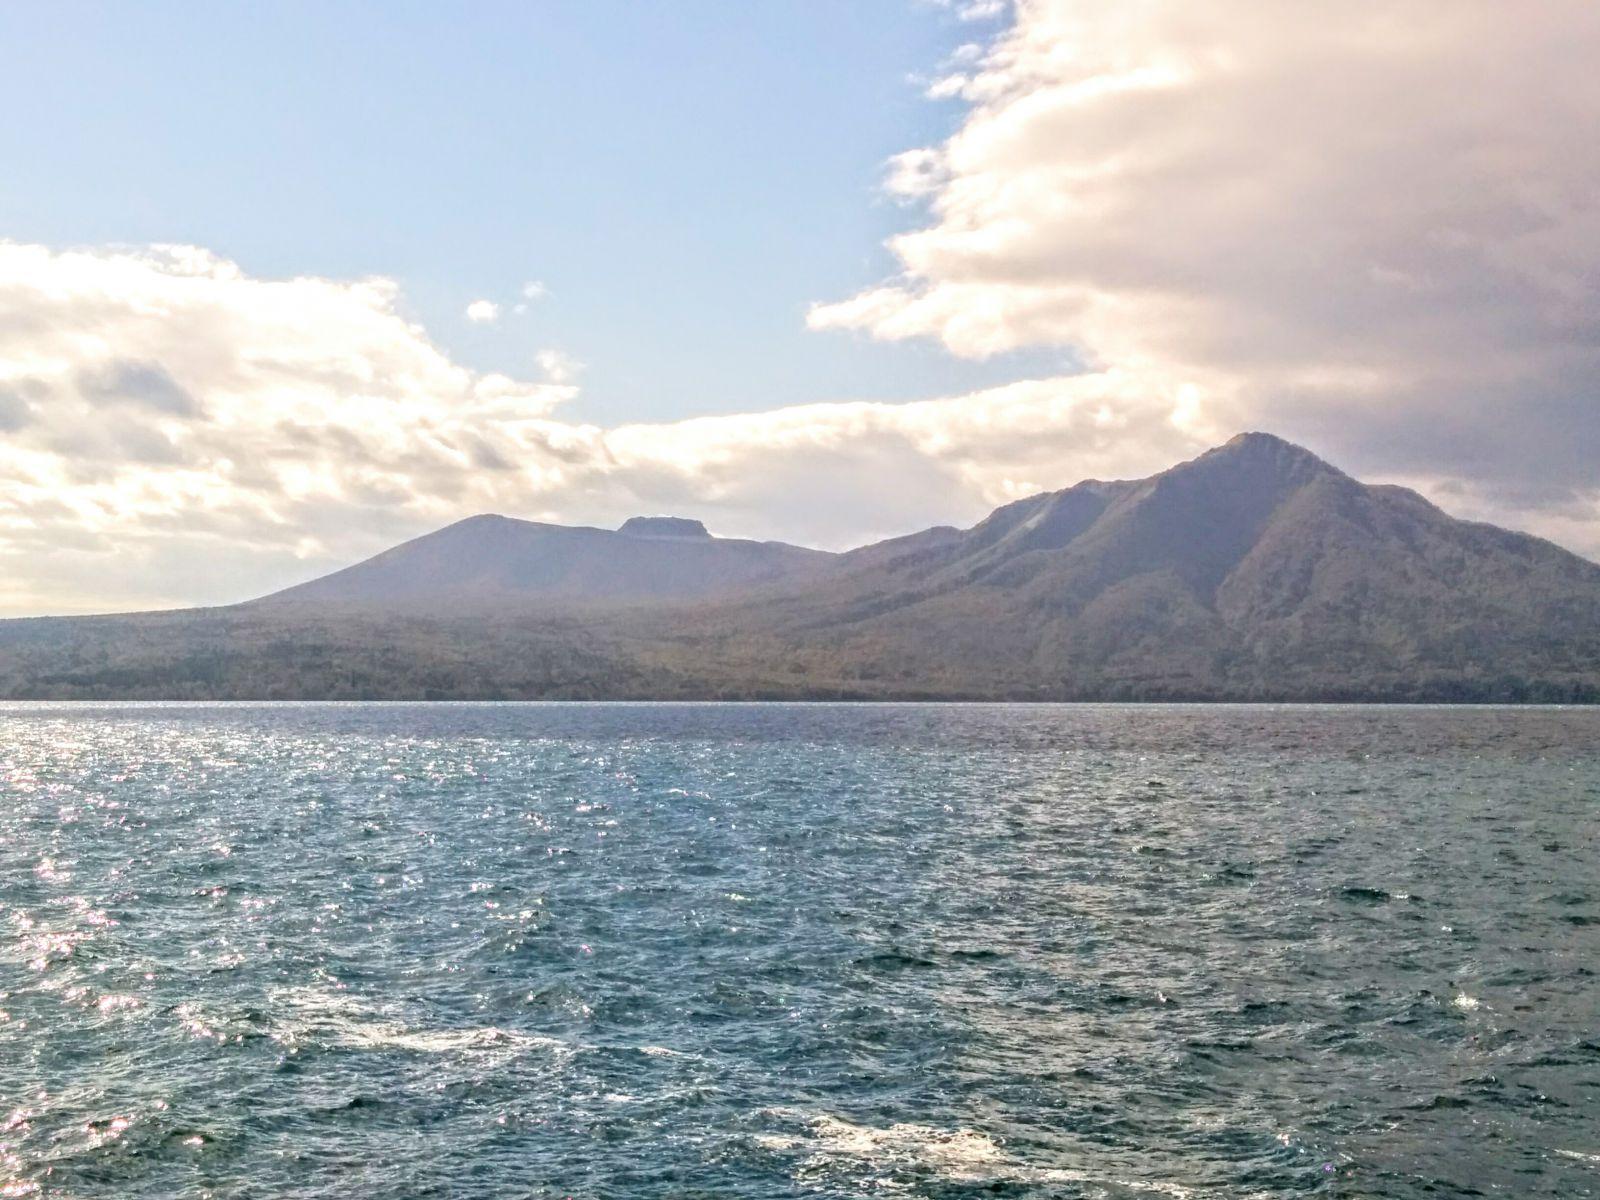 【支笏湖】支笏湖観光案内です。